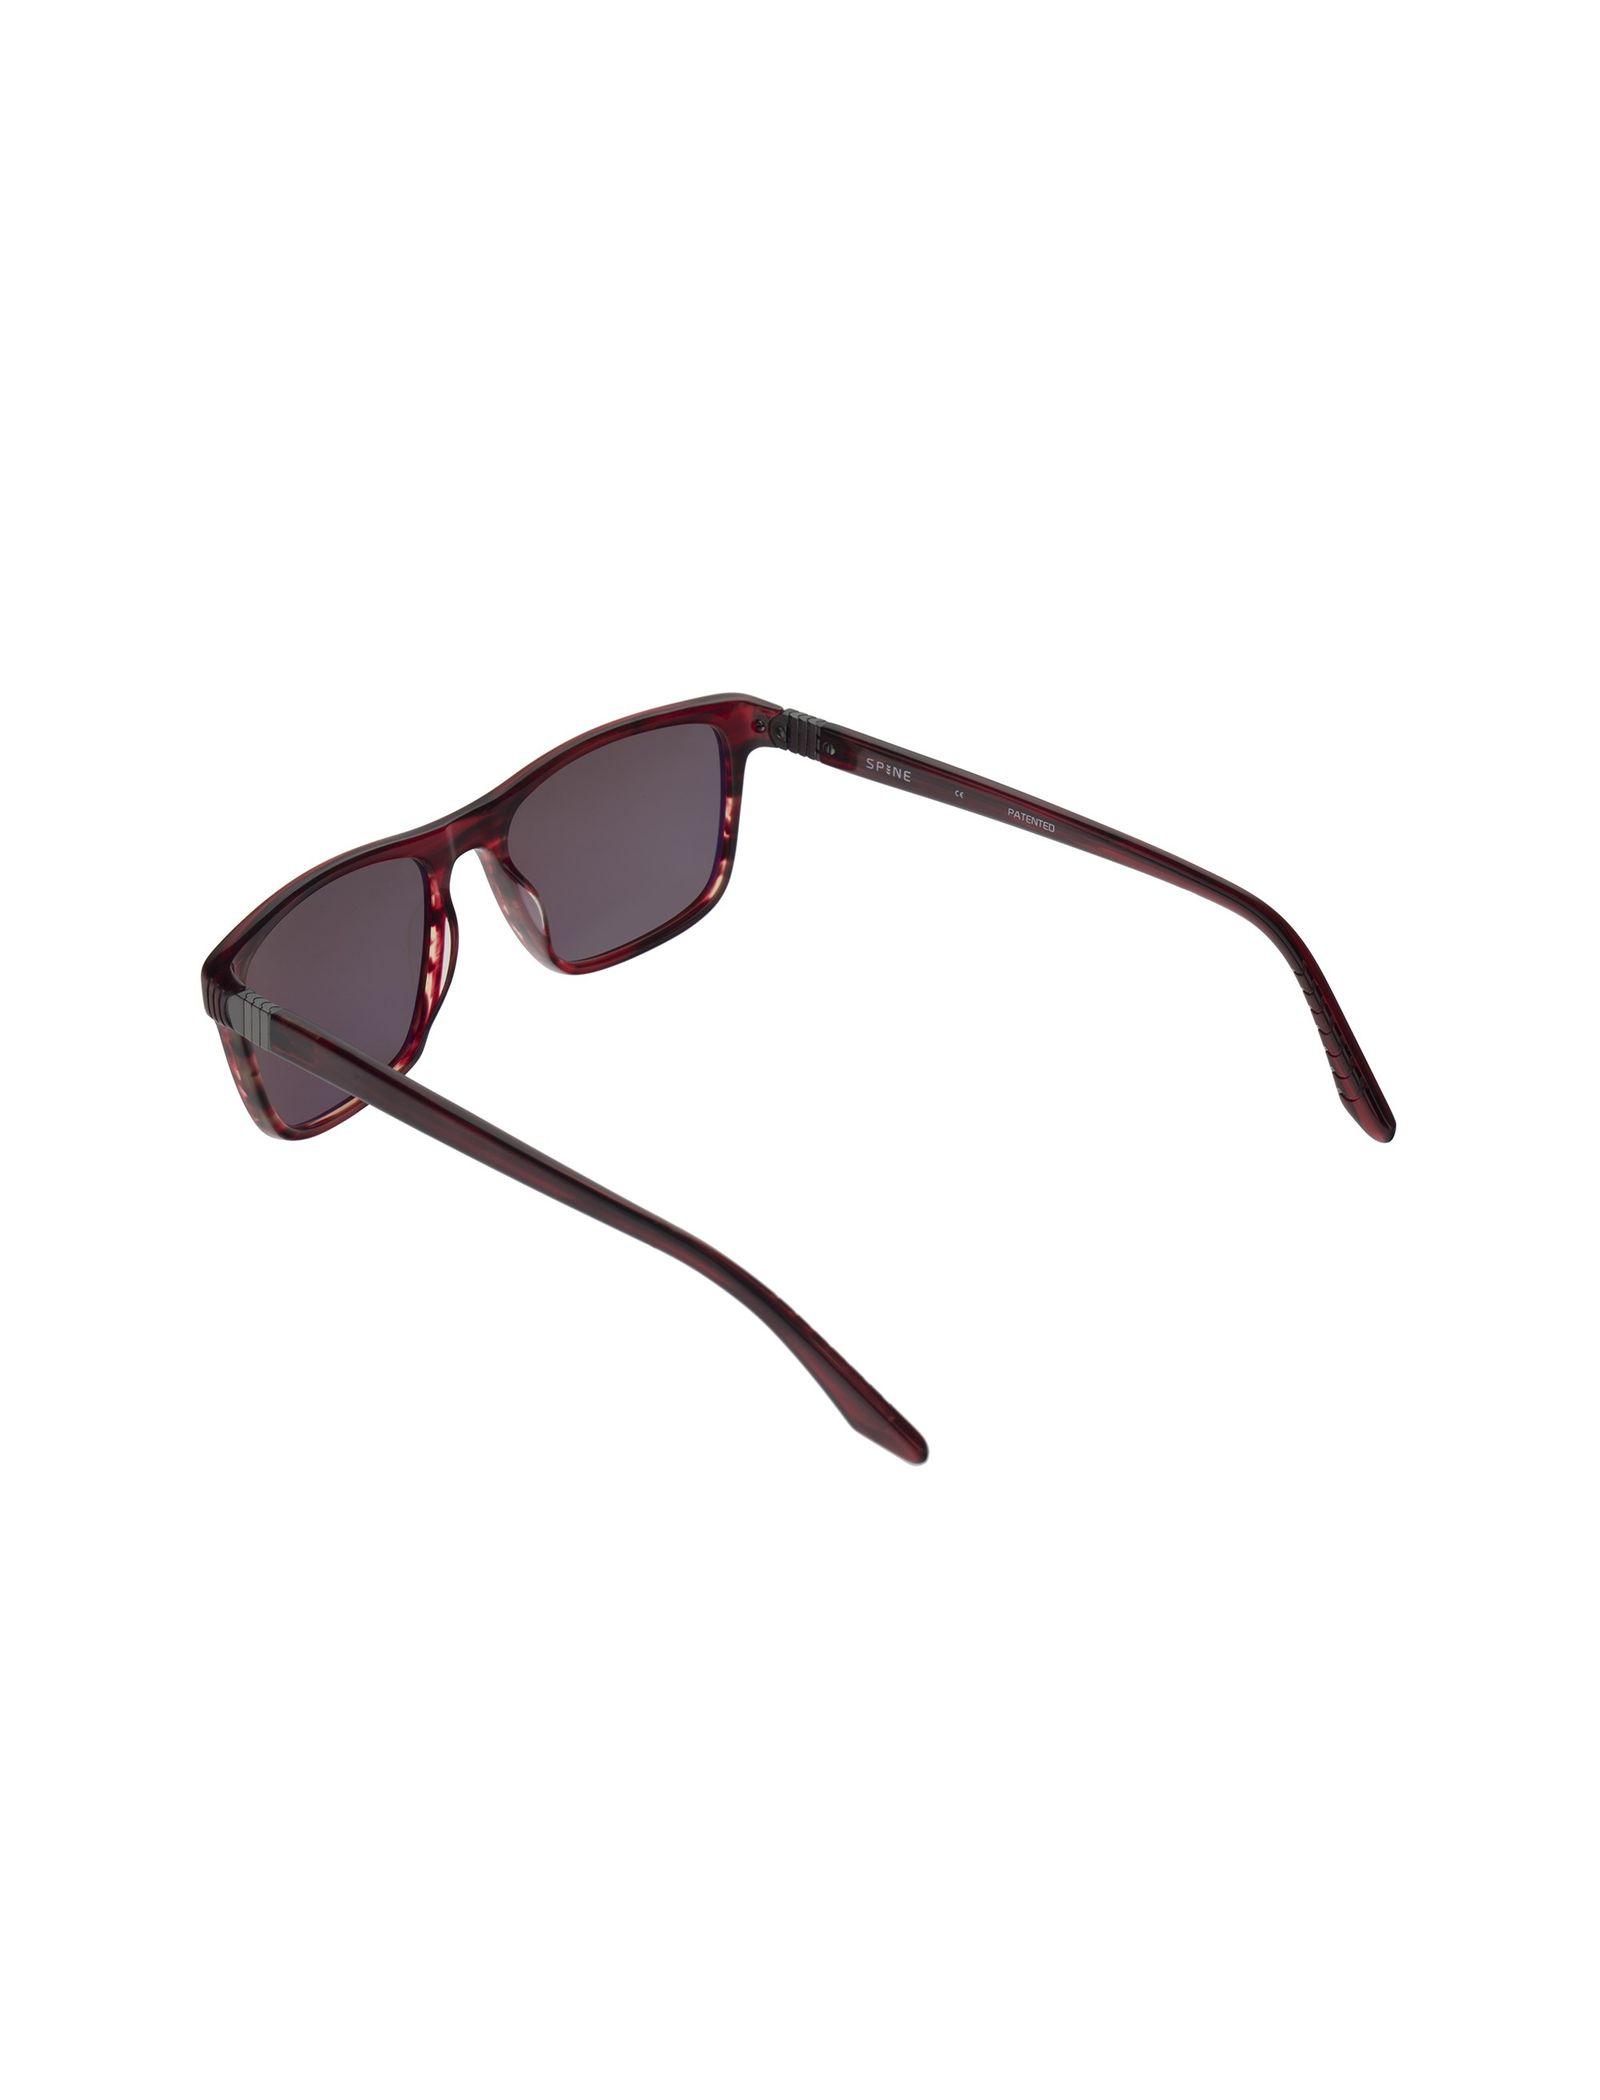 عینک آفتابی ویفرر مردانه - اسپاین - زرشکي  - 4